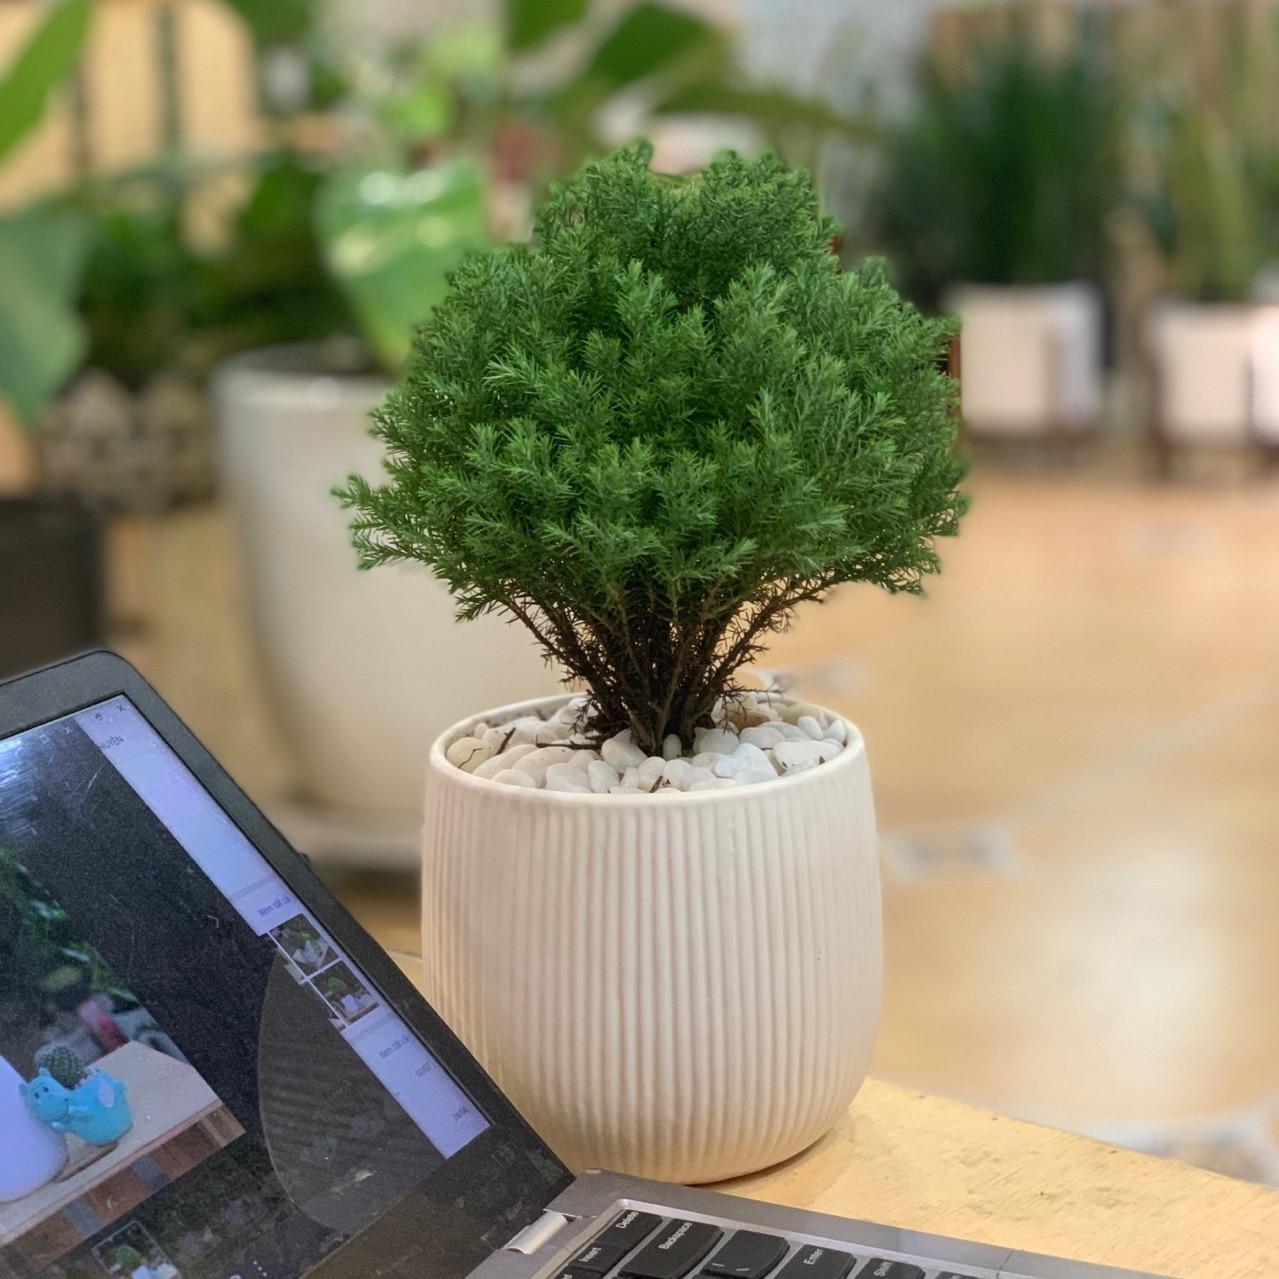 Tuổi sửu hợp với cây gì? trồng cây gì phong thủy tốt cho tuổi sửu